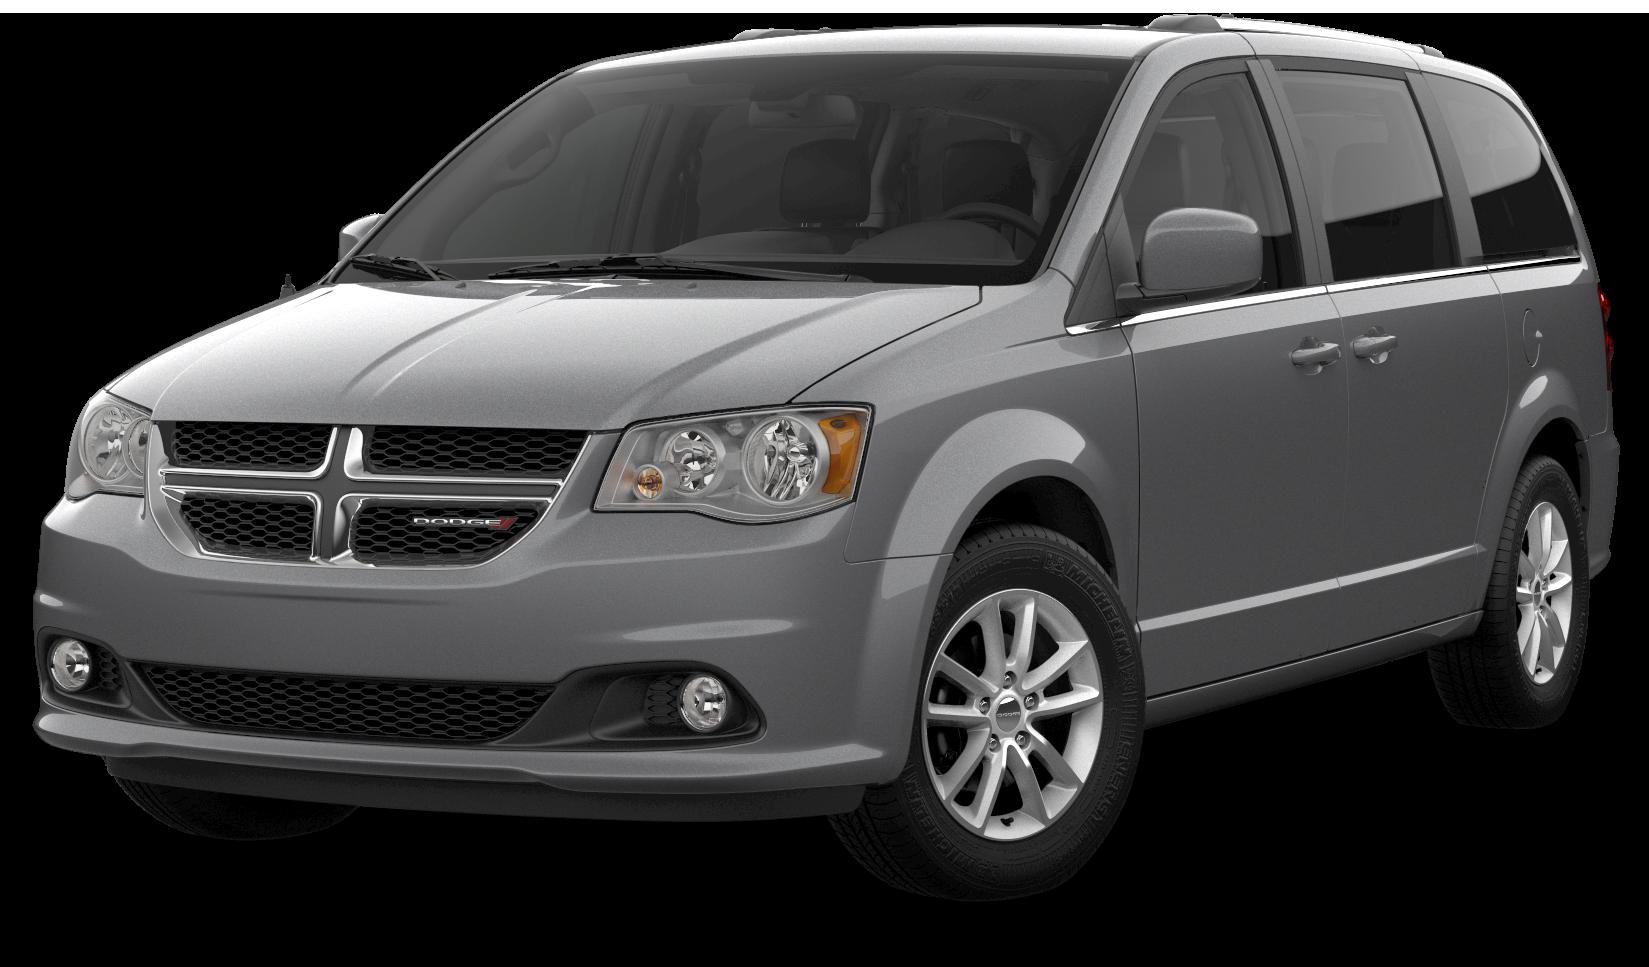 2019 Dodge Grand Caravan Van